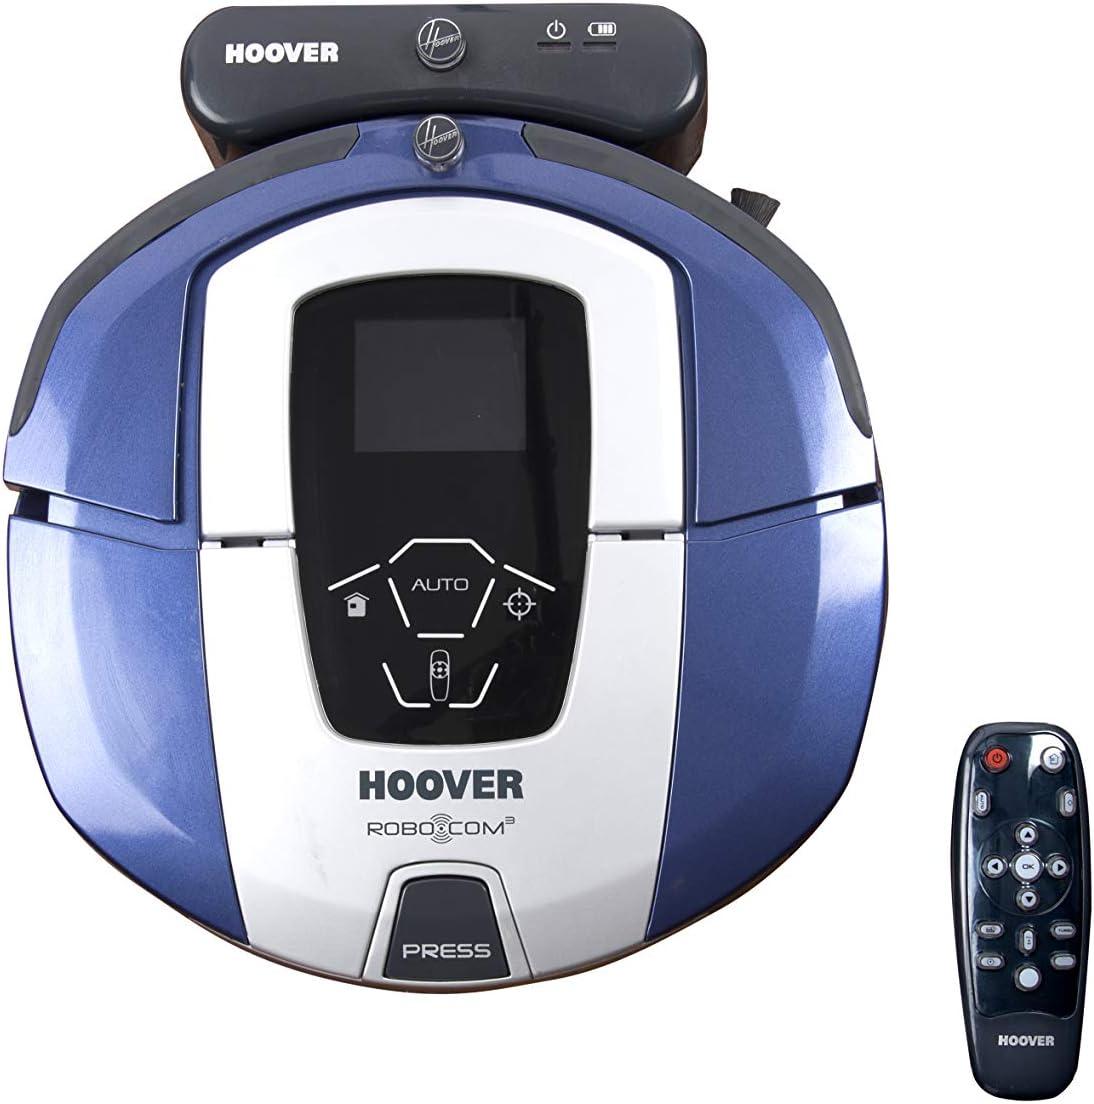 Hoover RBC050 - Robot aspirador con filtro HEPA, hasta 90 mins. de autonomía, programable semanal, incluye un muros virtual, color azul java: Hoover: Amazon.es: Hogar